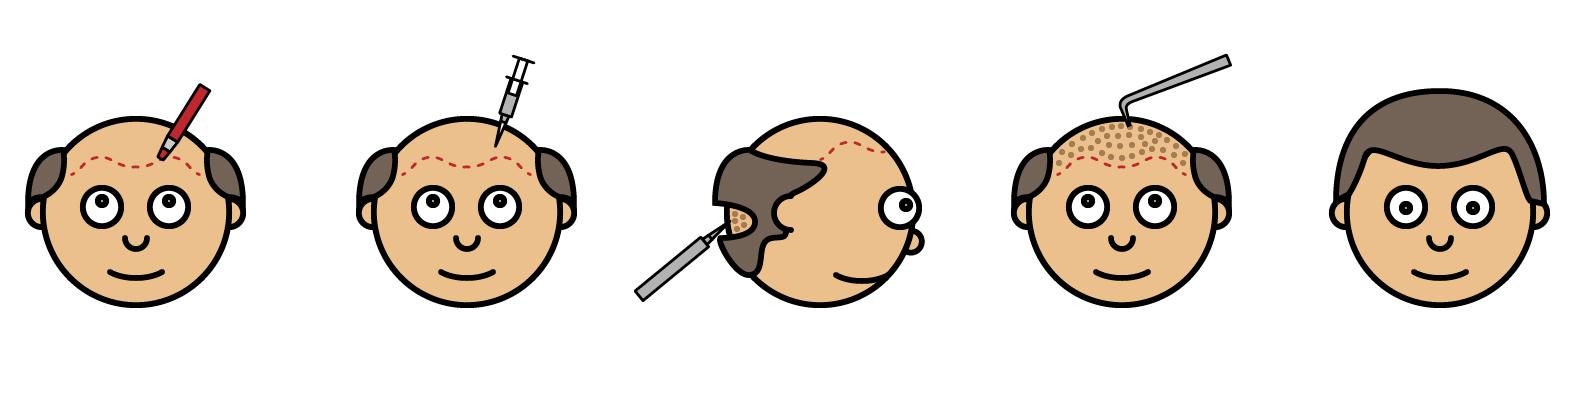 Illustrasjon på hårtasnplantasjon - FUE